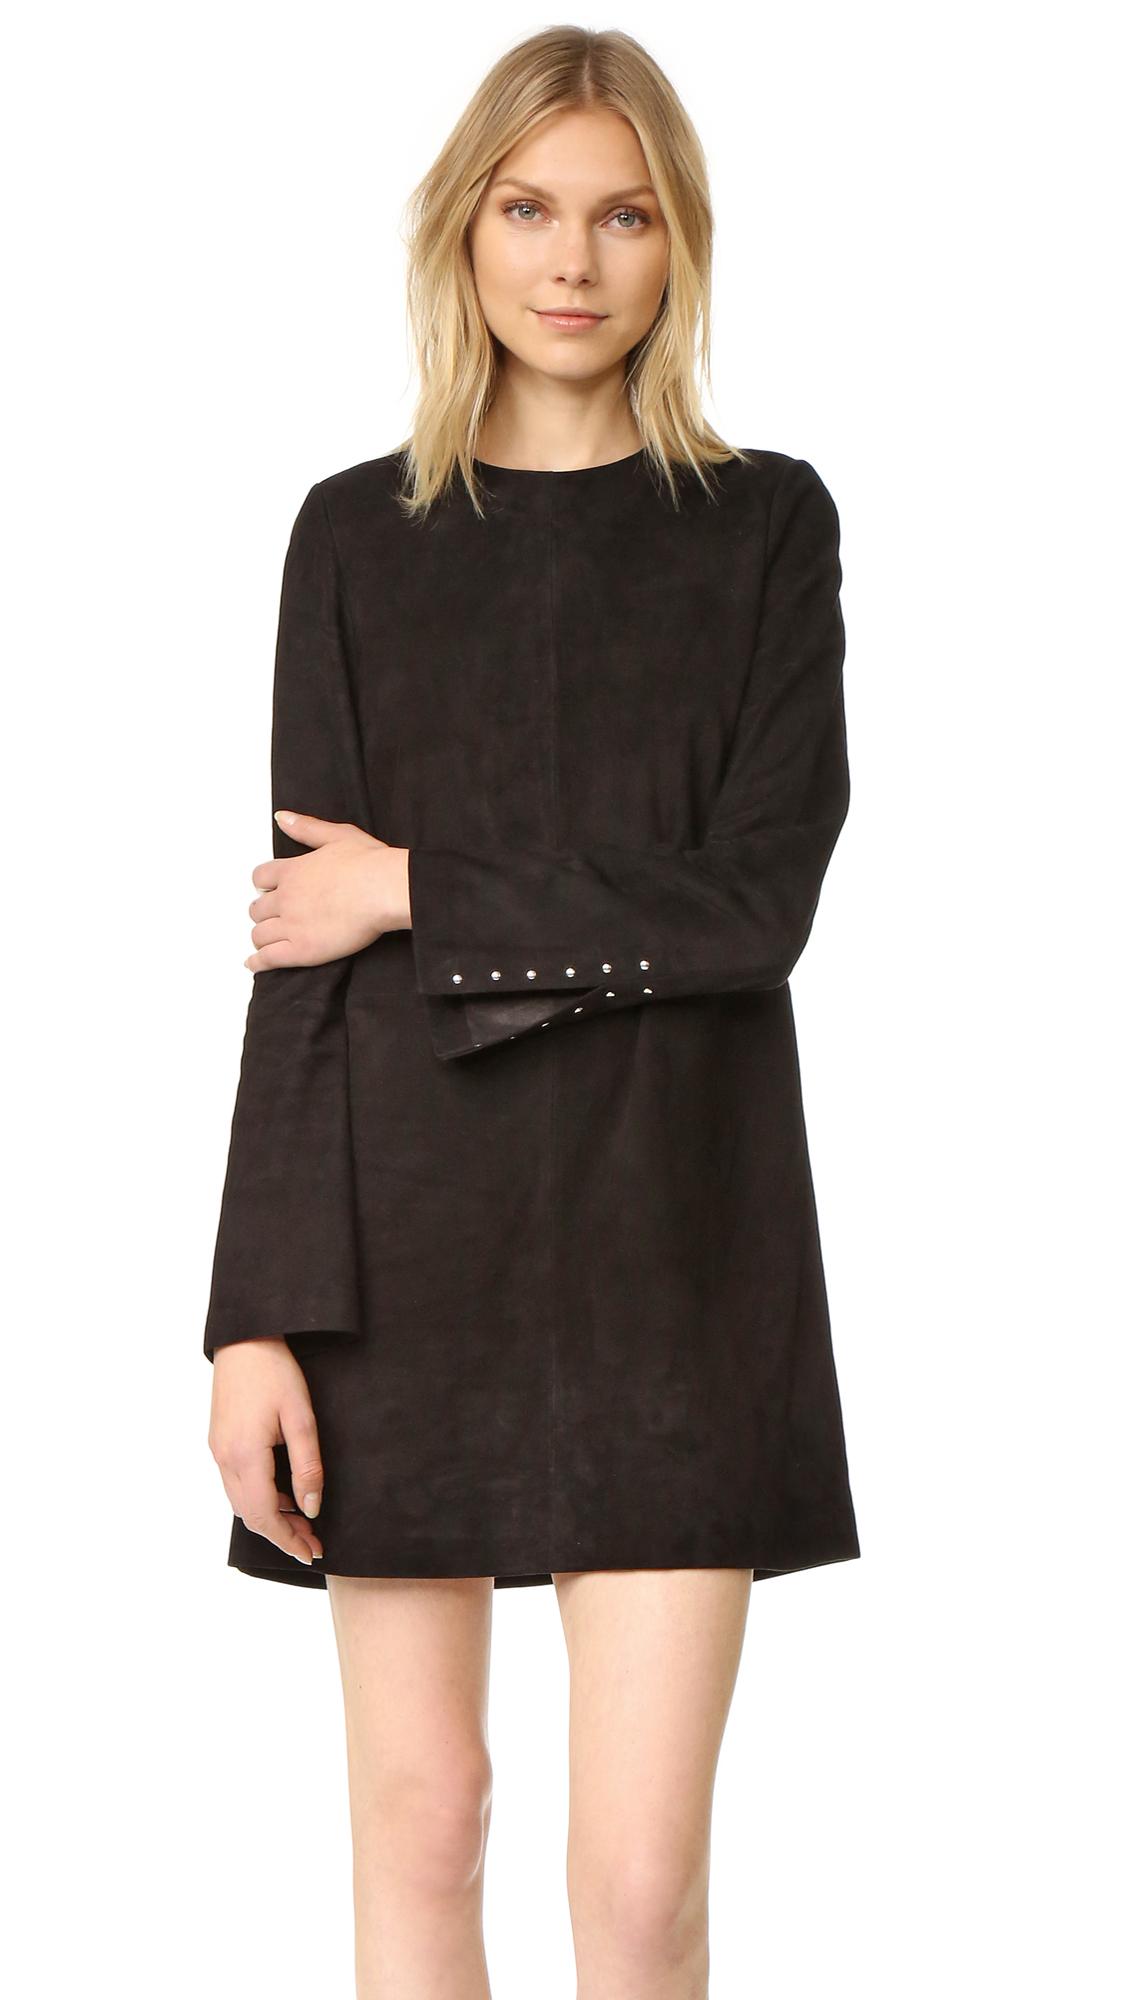 Theory Komiza Dress - Black at Shopbop